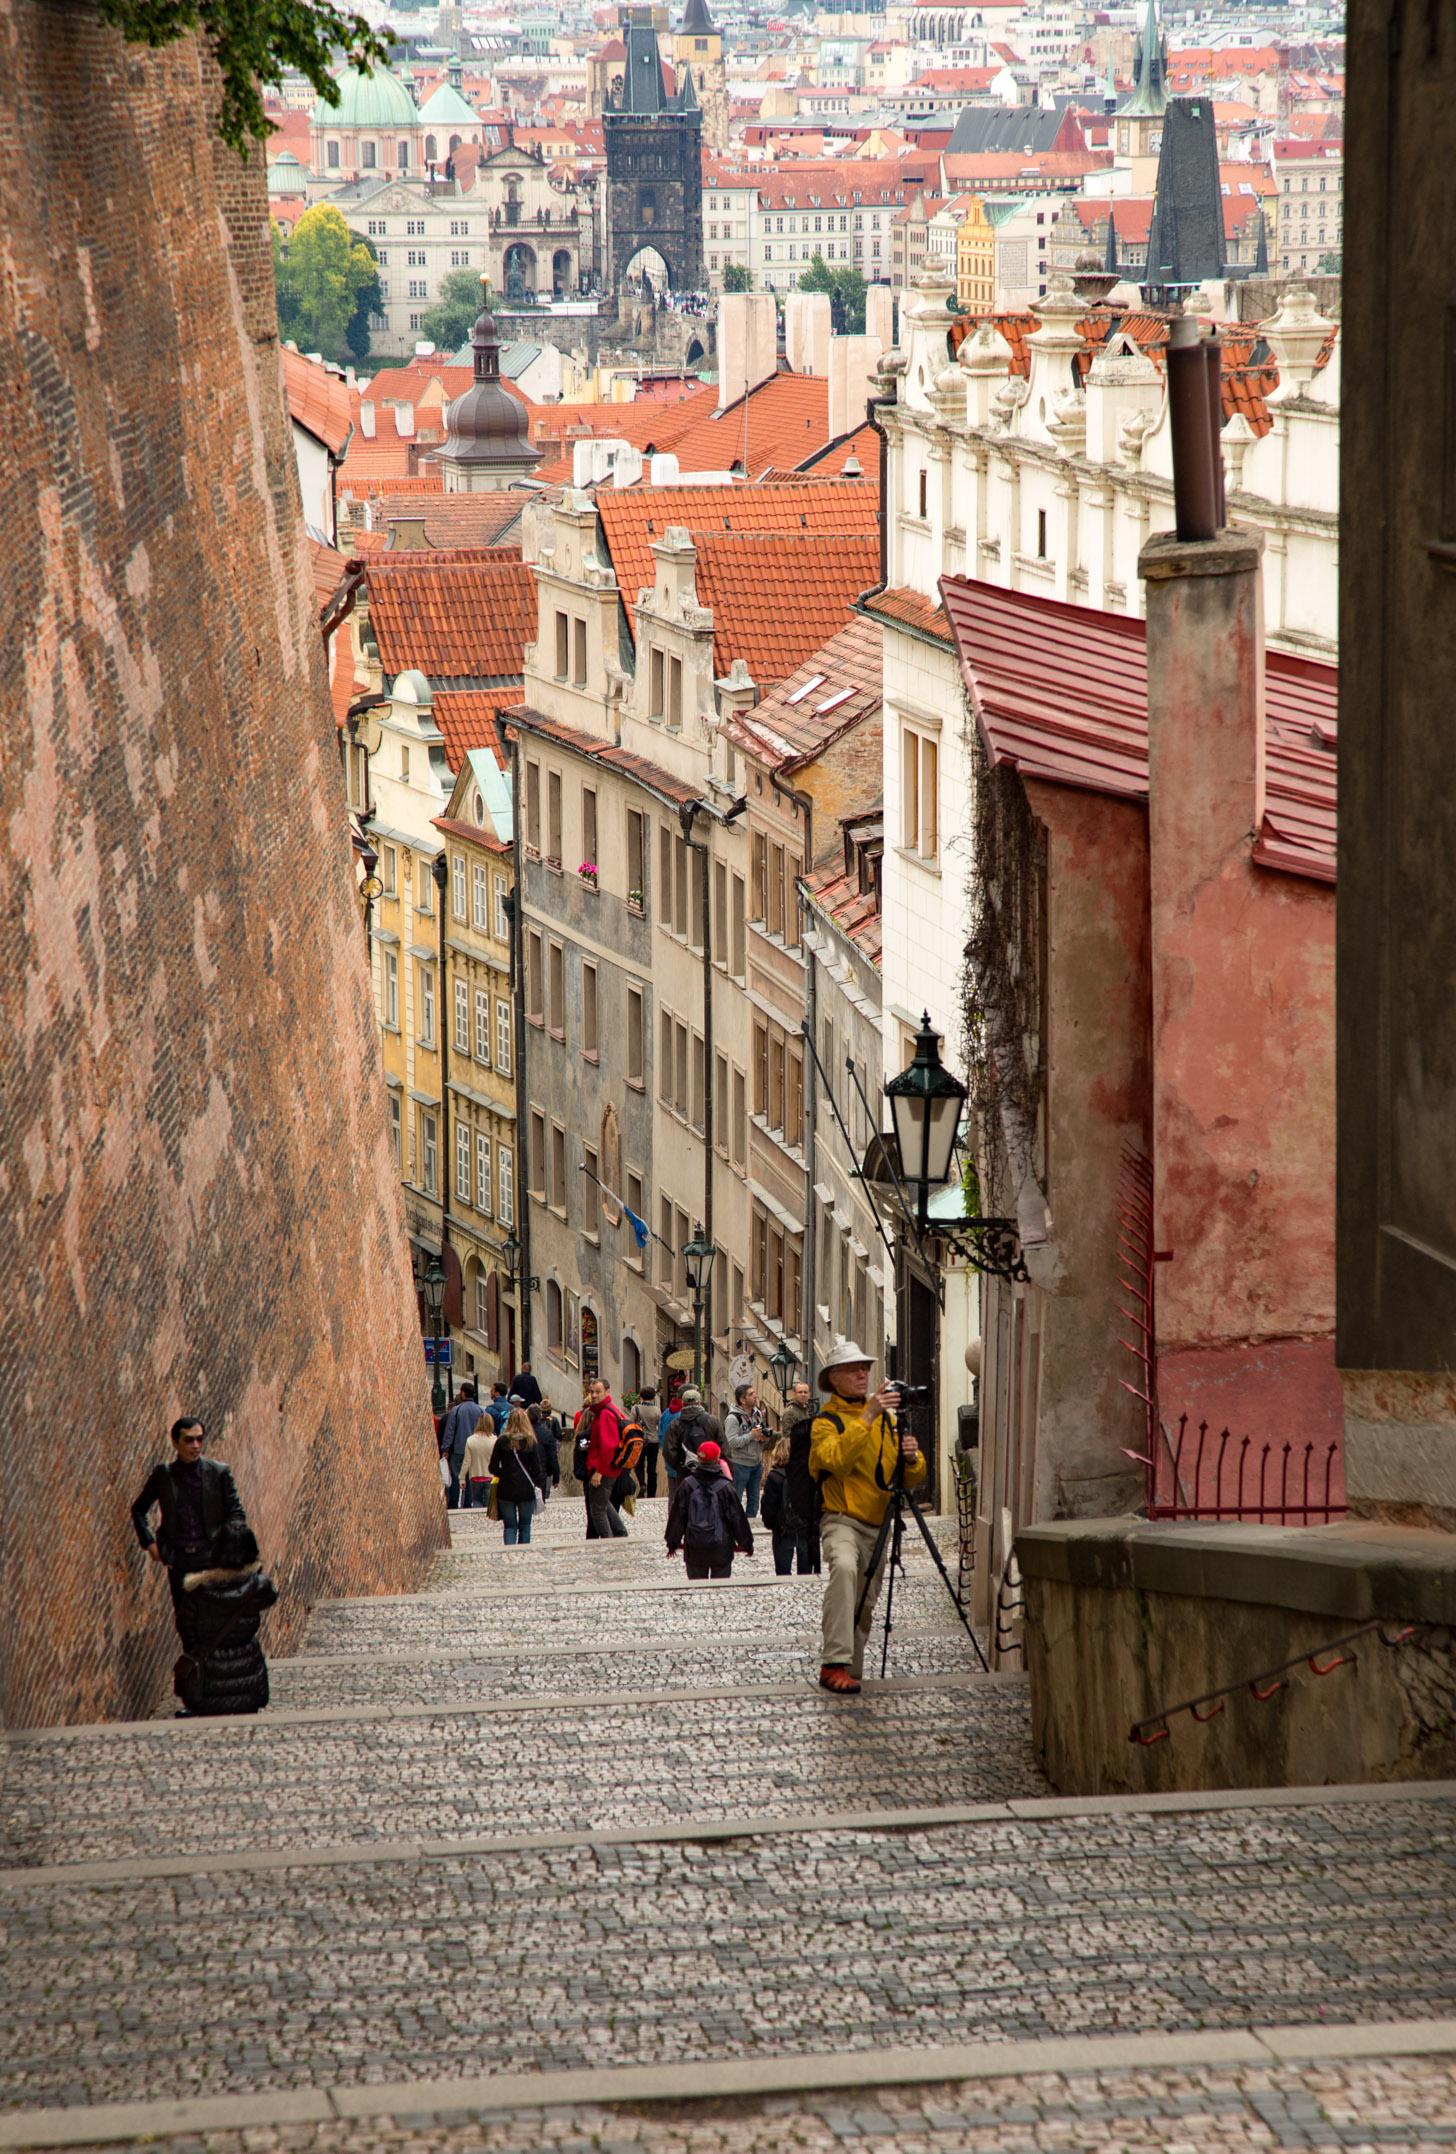 Een van de vele romantische straatjes die je in Praag tegenkomt.